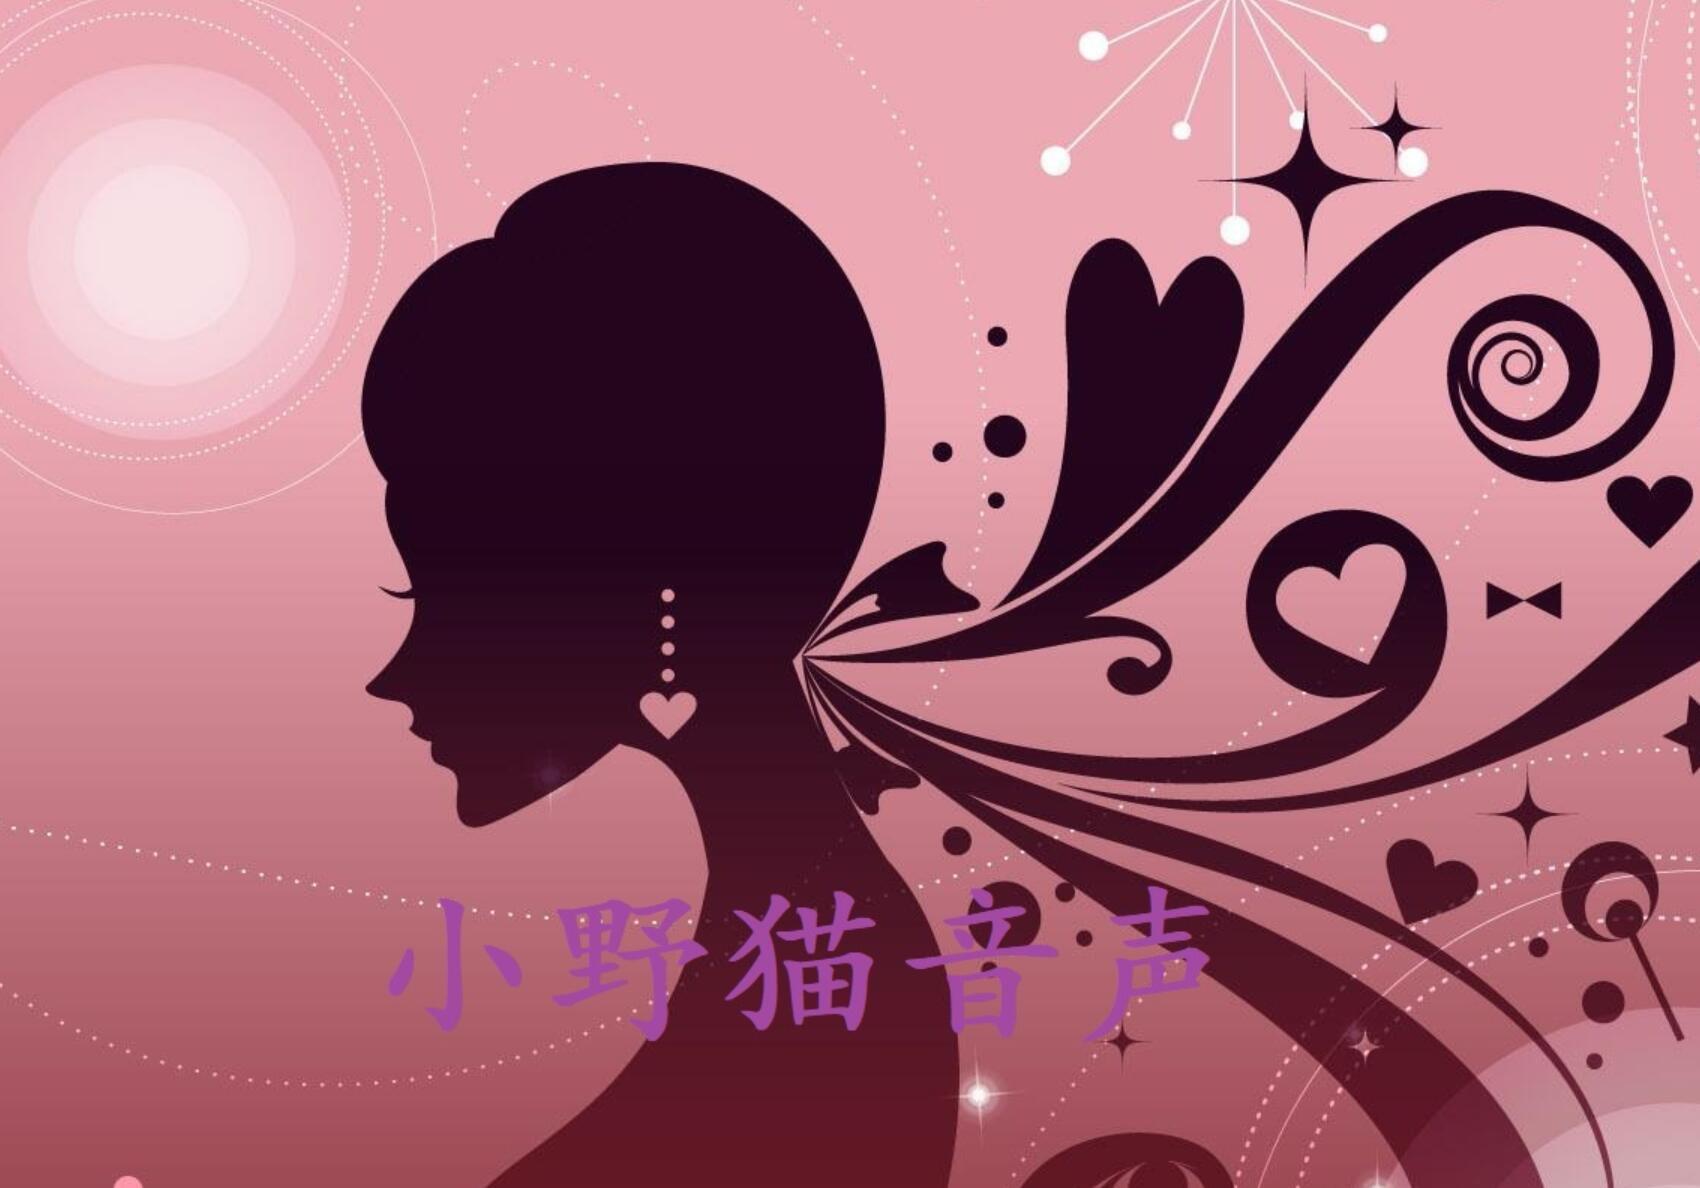 小野猫音声 倩女幽魂之姥姥的欺诈  CV青梅&小优